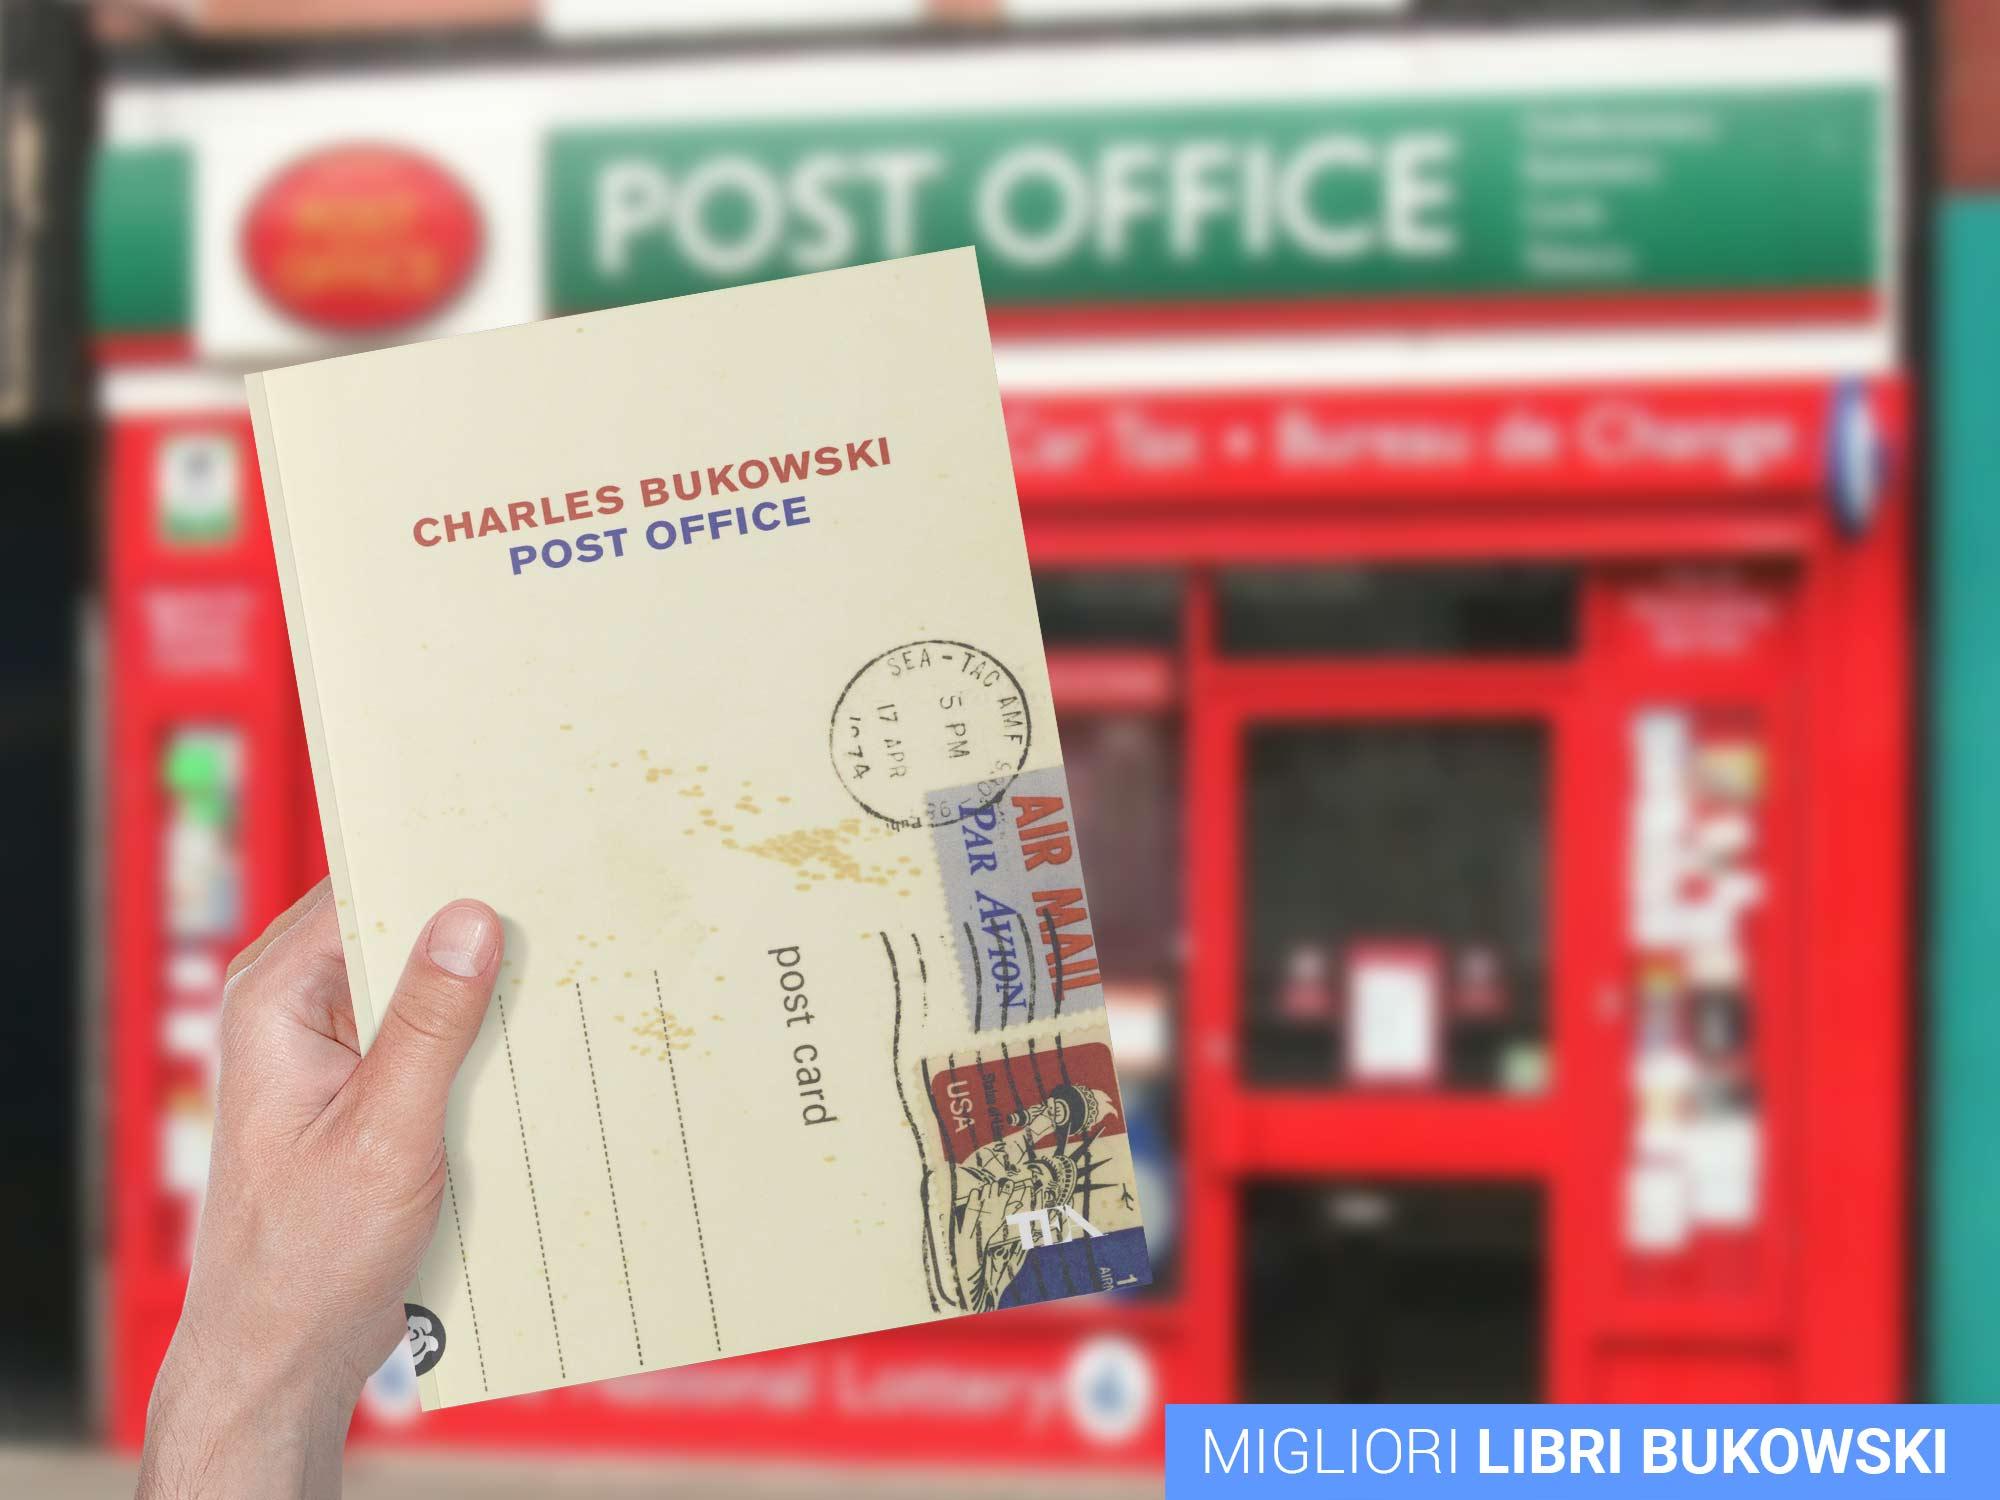 post-office-libro-migliore-charles-bukowski